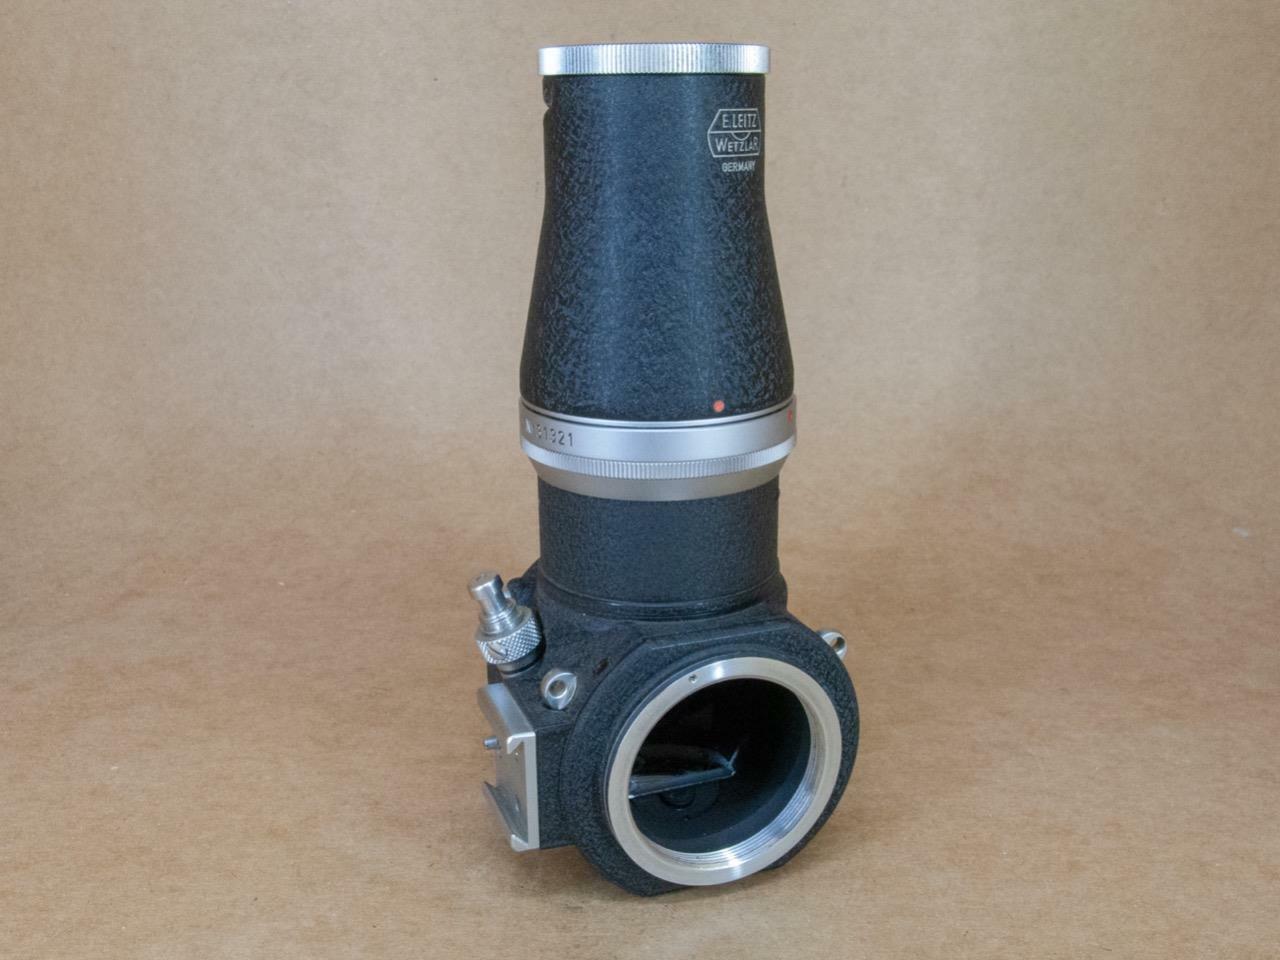 Leitz Leica Visoflex I OZYXO 16485 with LVFOO 16486 5X magnifier for LTM mount